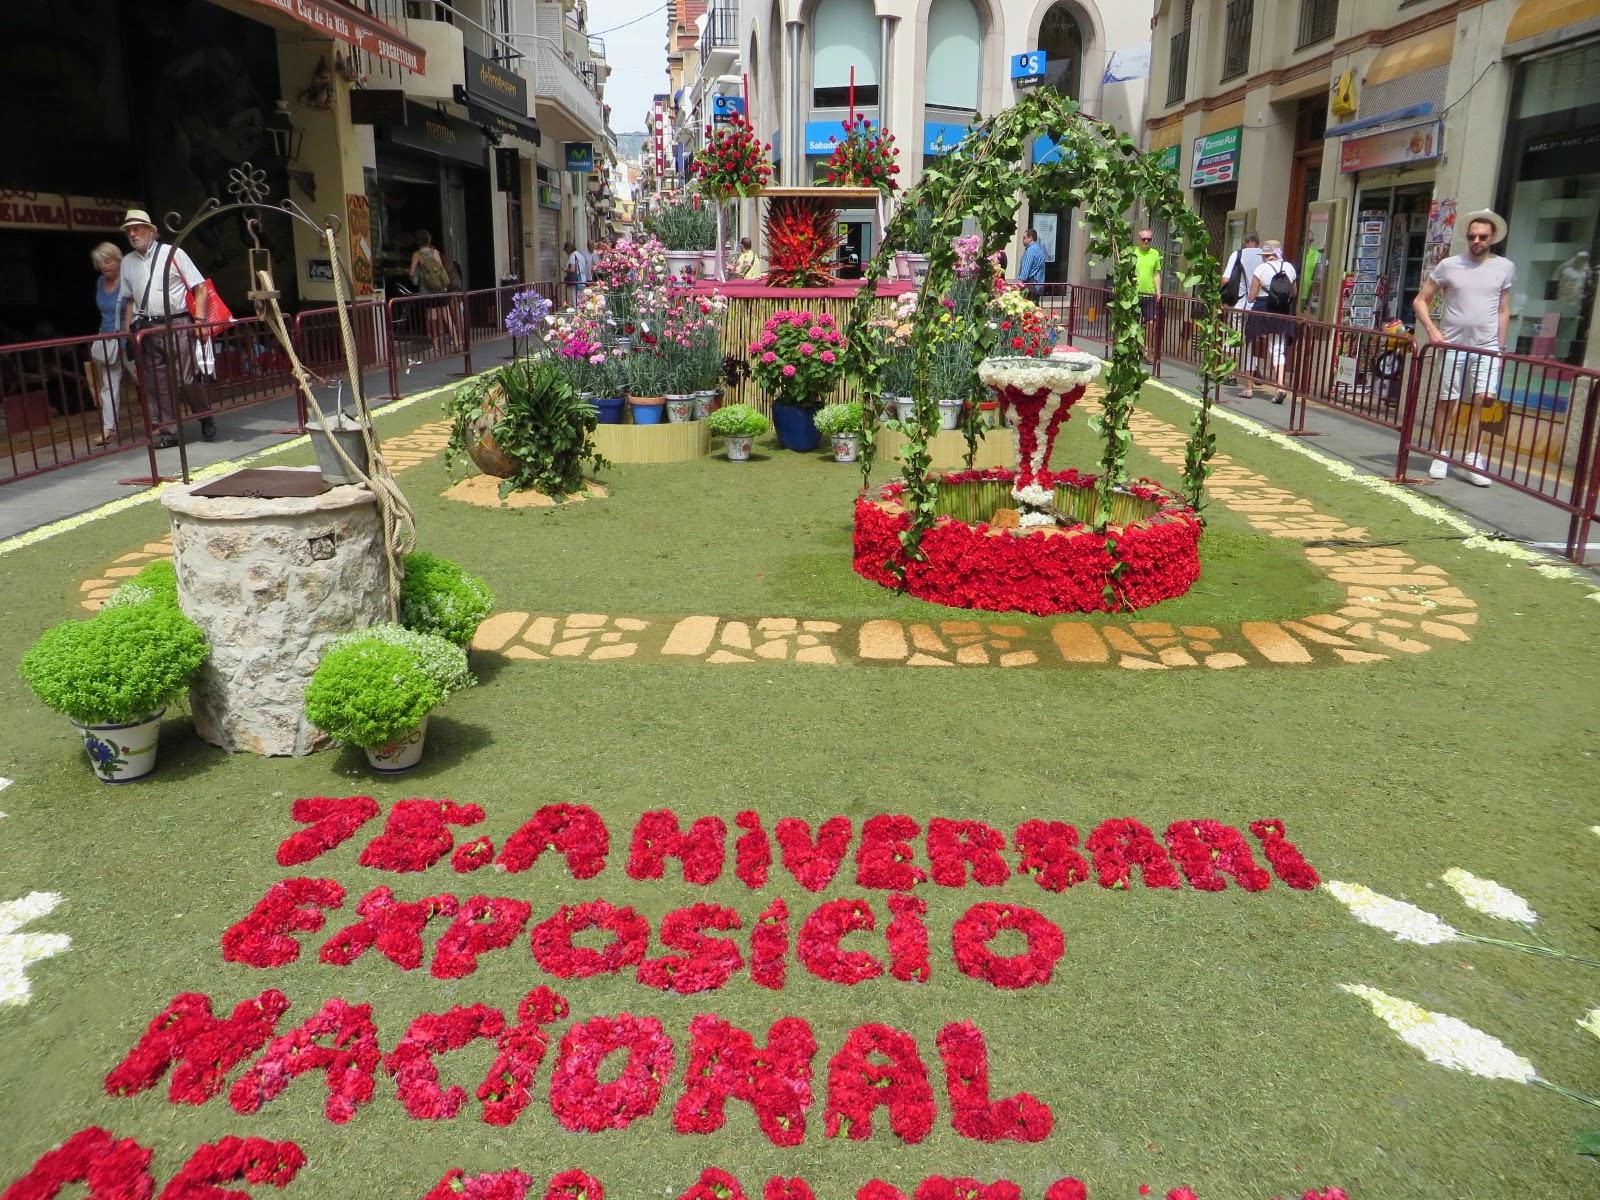 Urbina vinos blog alfombras de flores sitges celebraci n del corpus christi en barcelona 2014 - Alfombras en barcelona ...